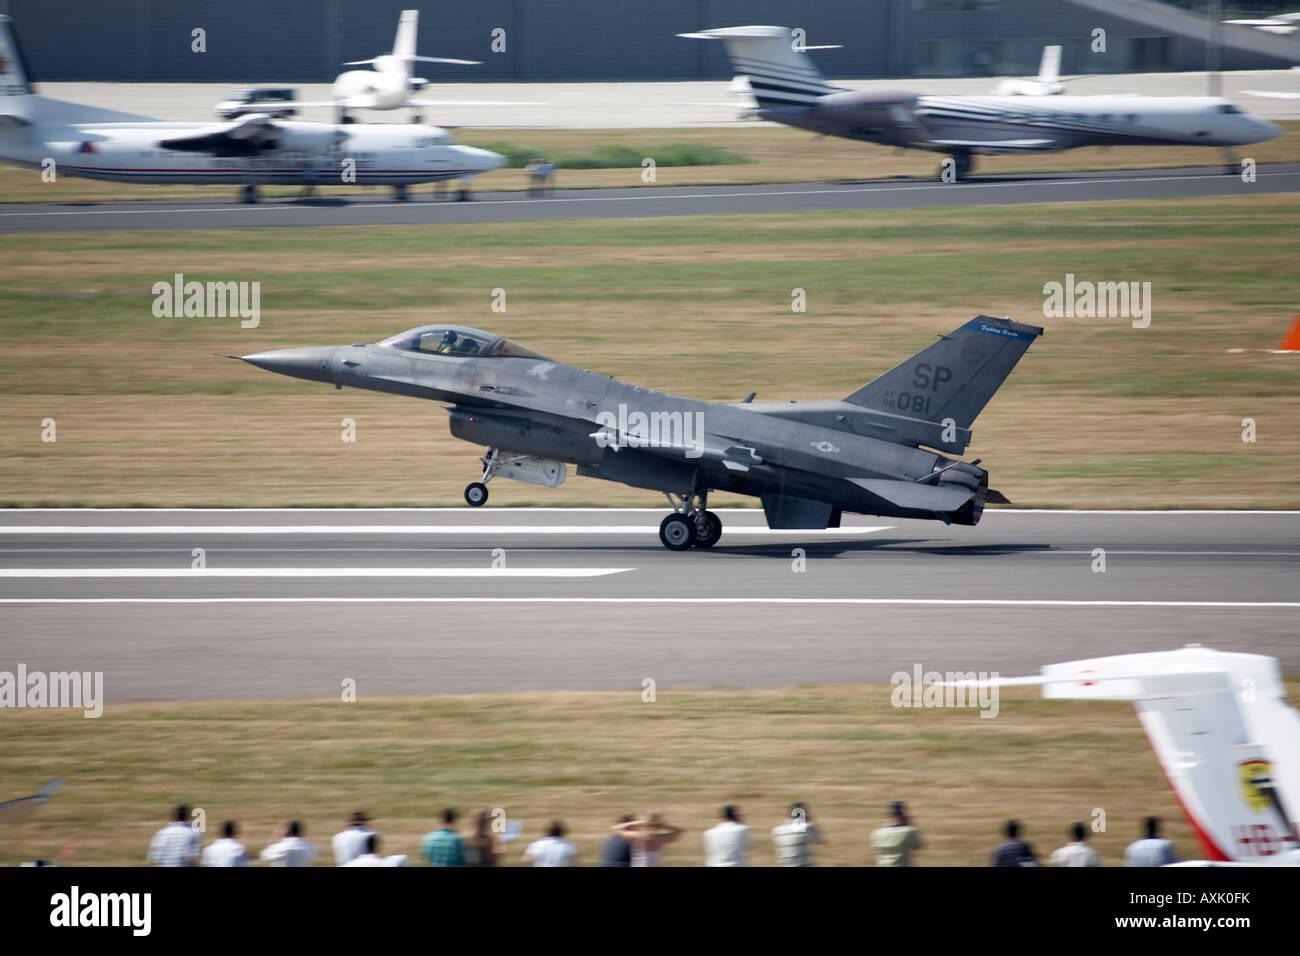 F 16 Fighting Falcon l'atterrissage d'un aéronef après démonstration de vol au salon Farnborough International Airshow Juillet 2006 Banque D'Images